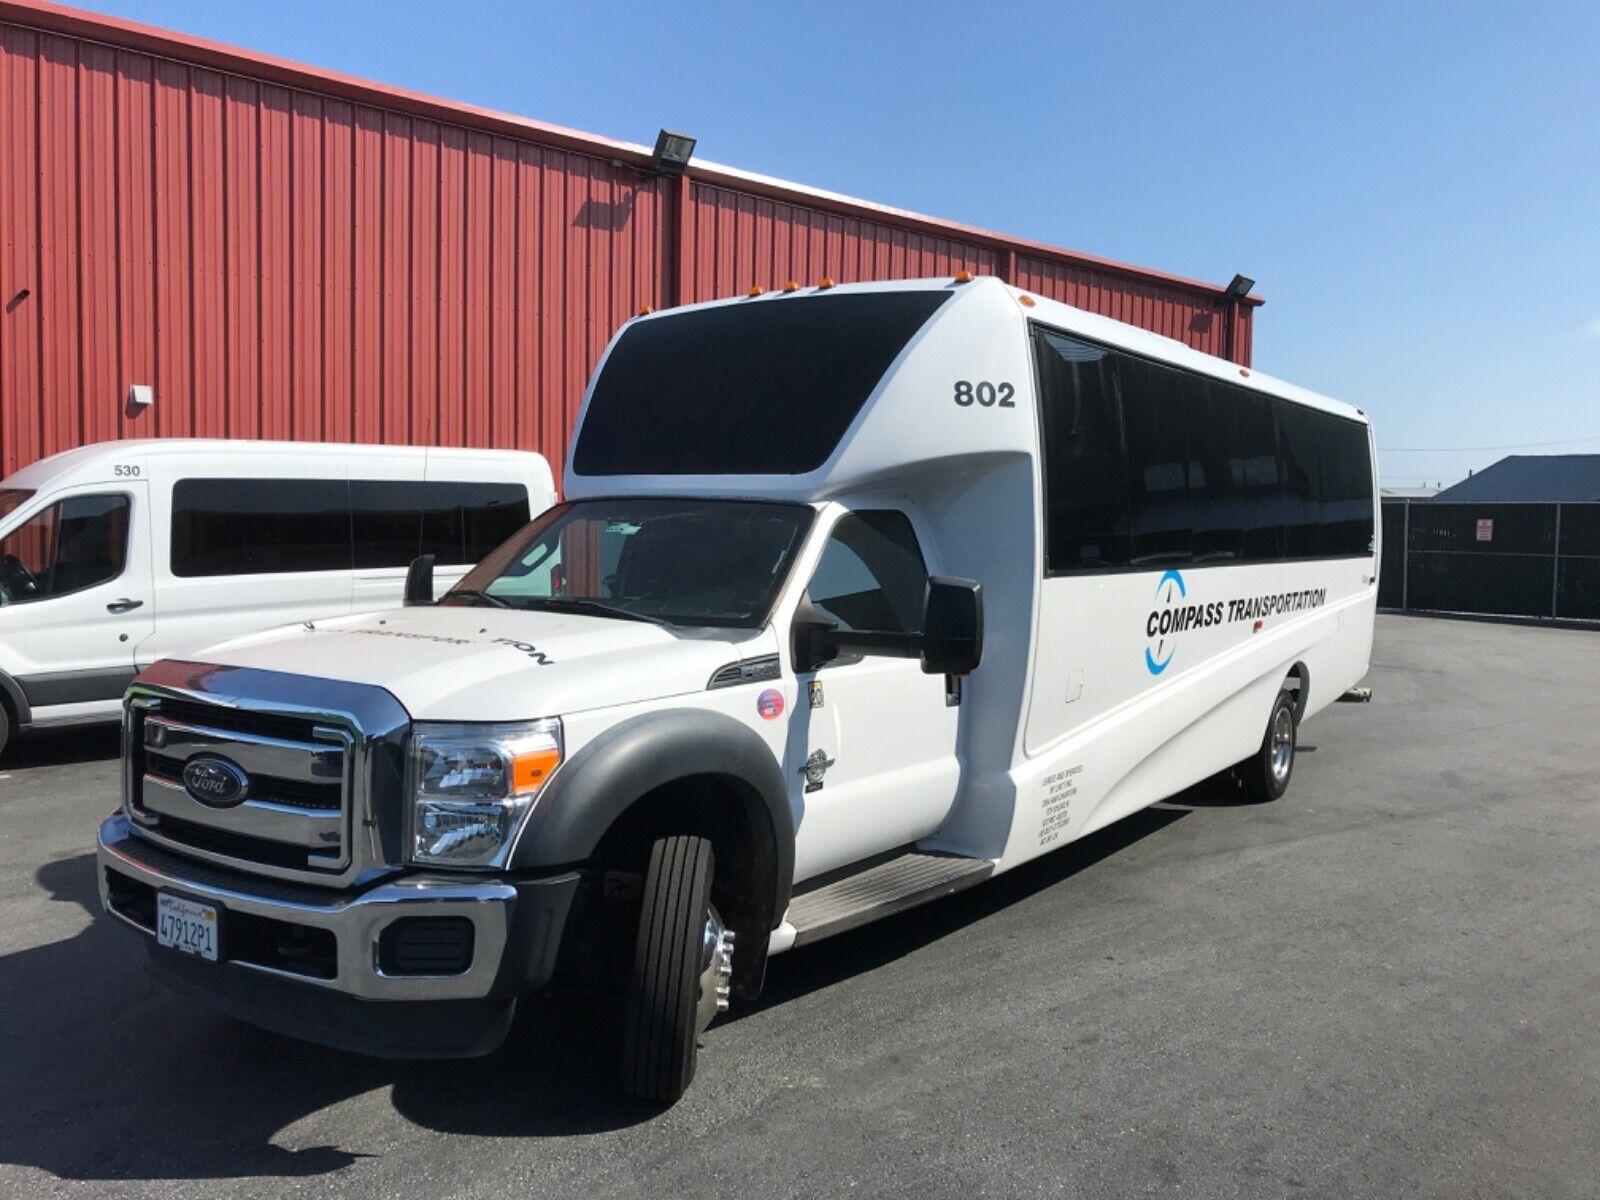 2015 ford E550 passenger bus